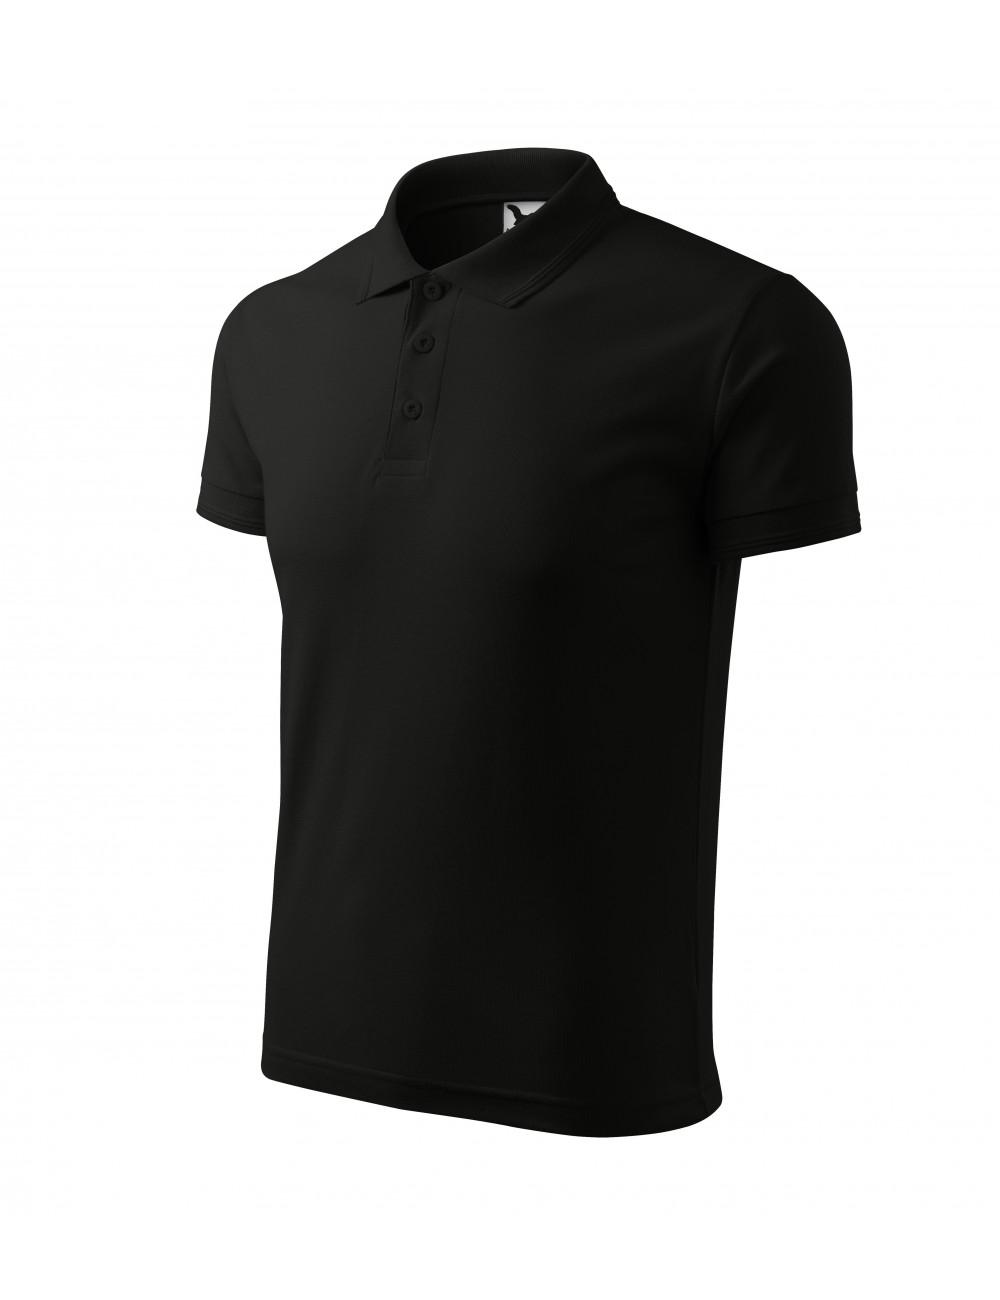 Adler MALFINI Koszulka polo męska Pique Polo 203 czarny